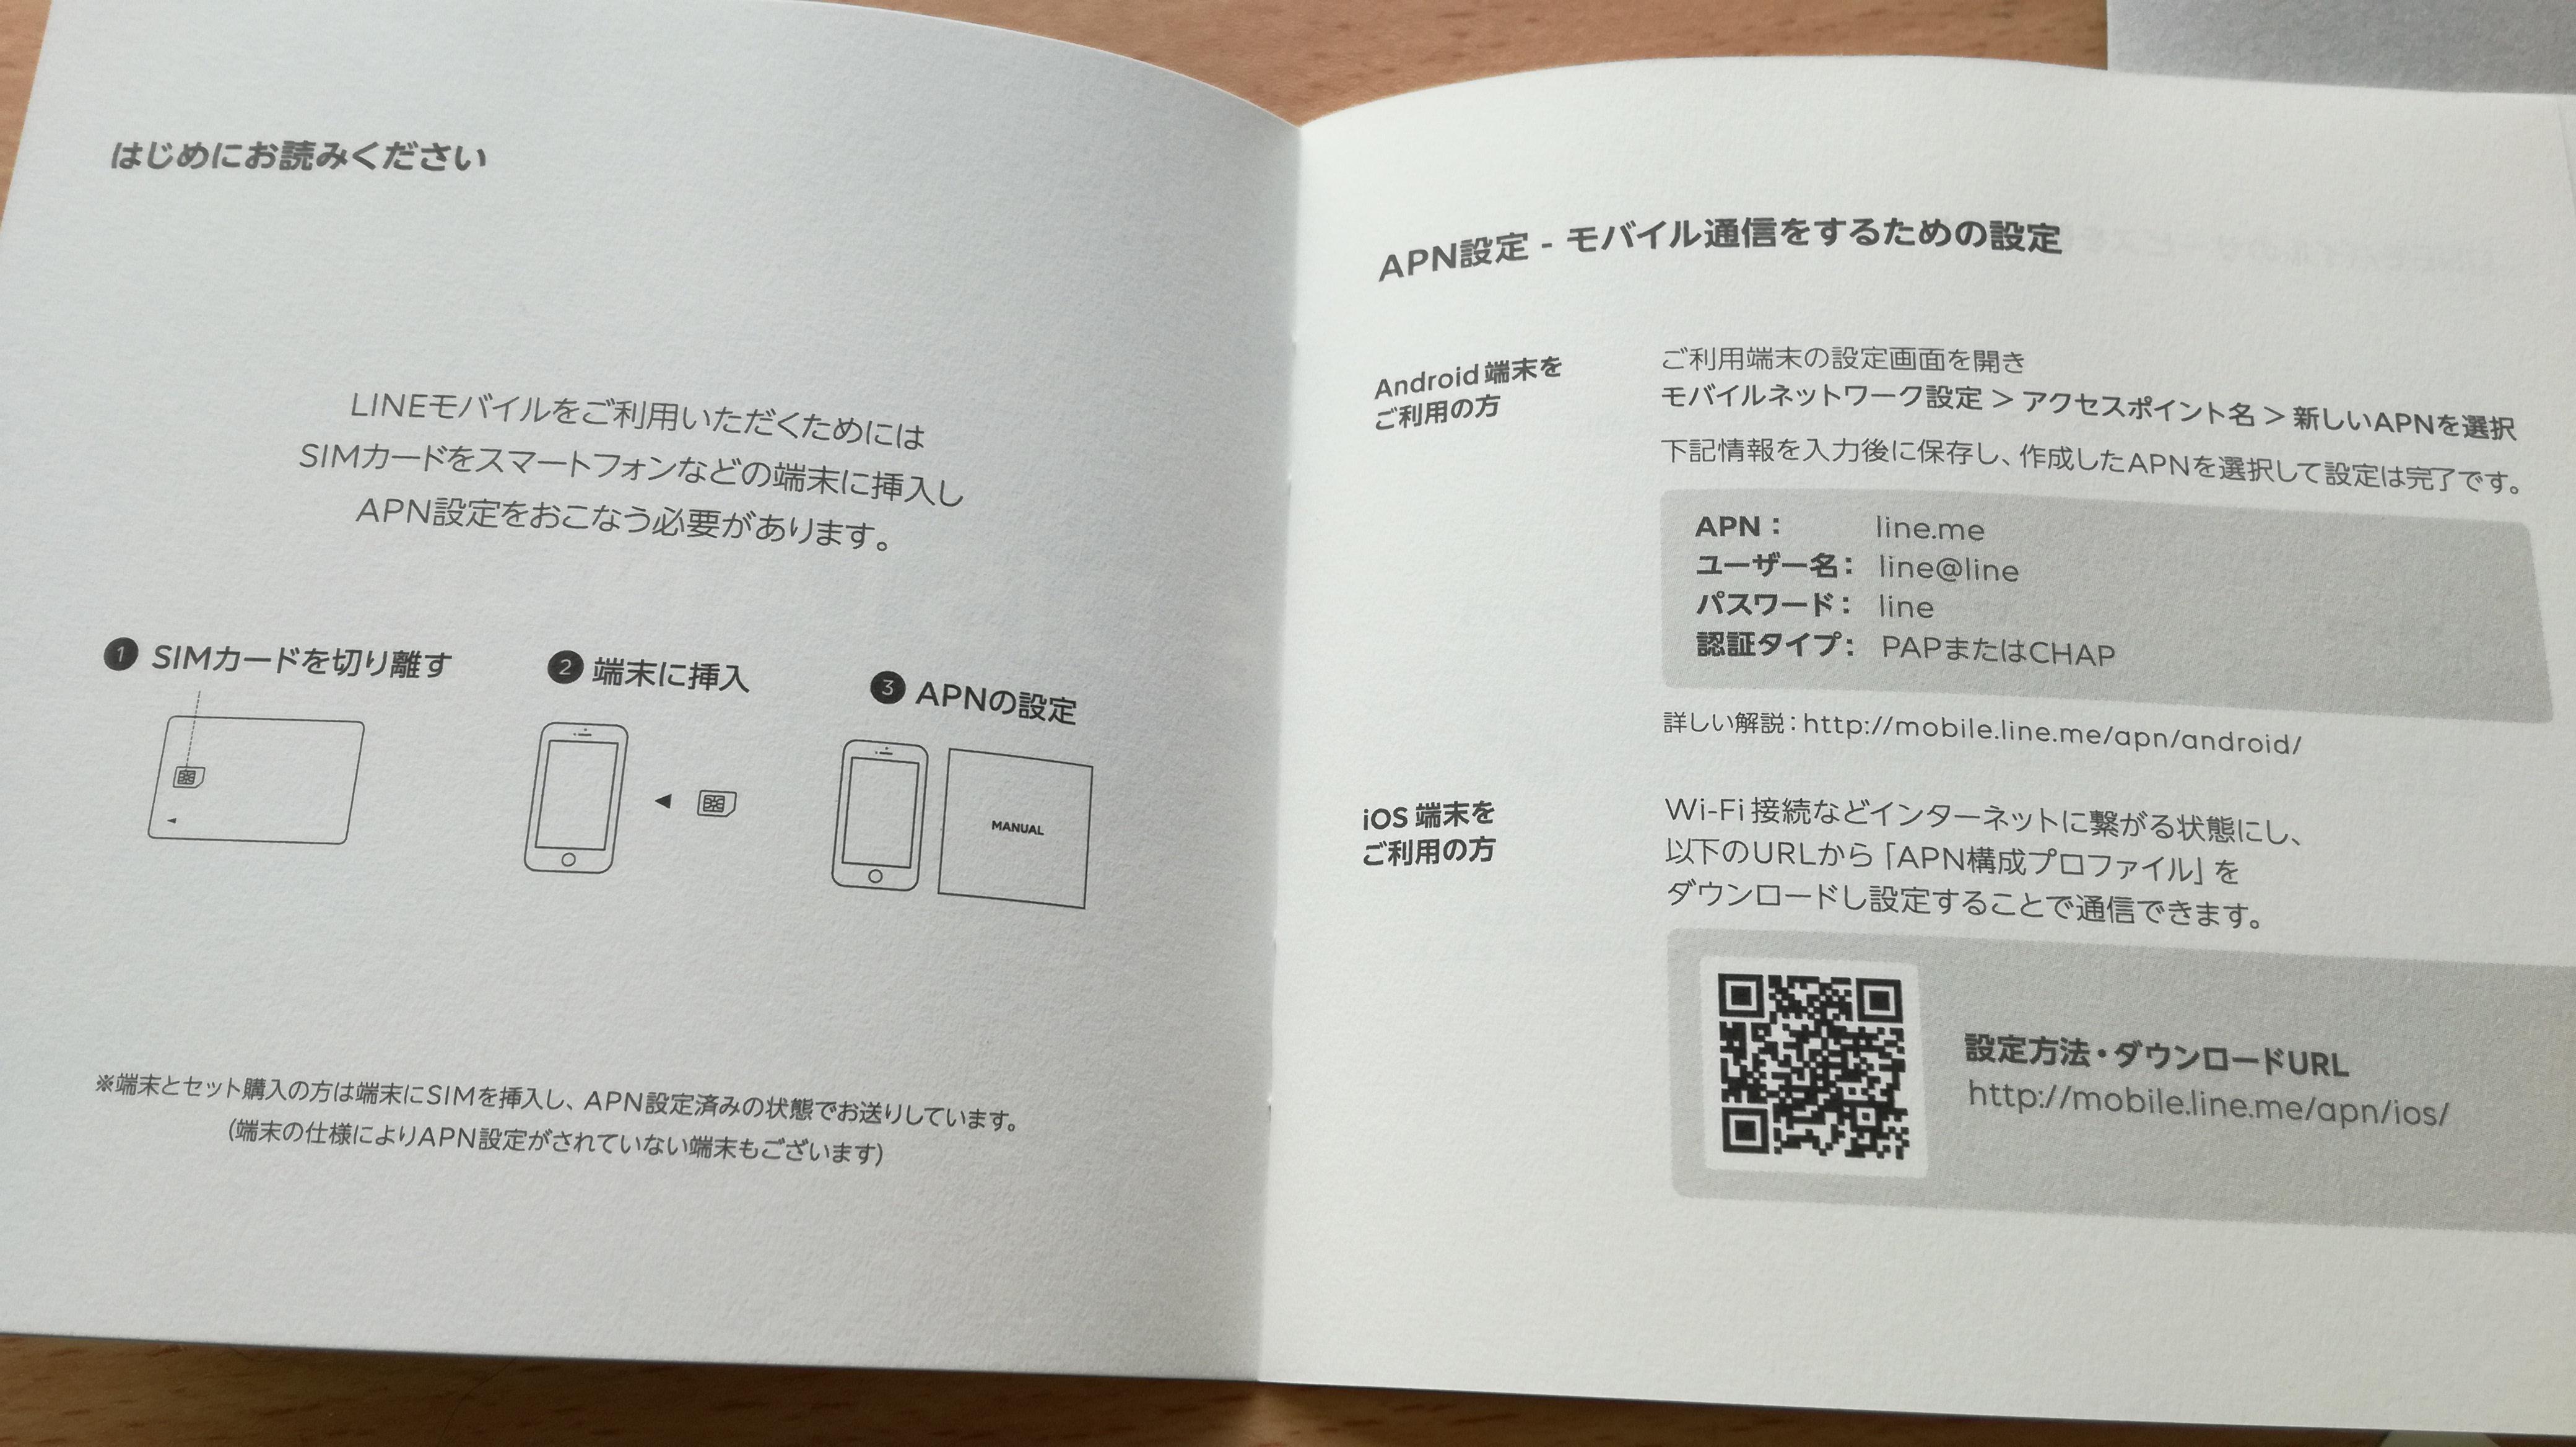 iPhoneでラインモバイルのAPN設定